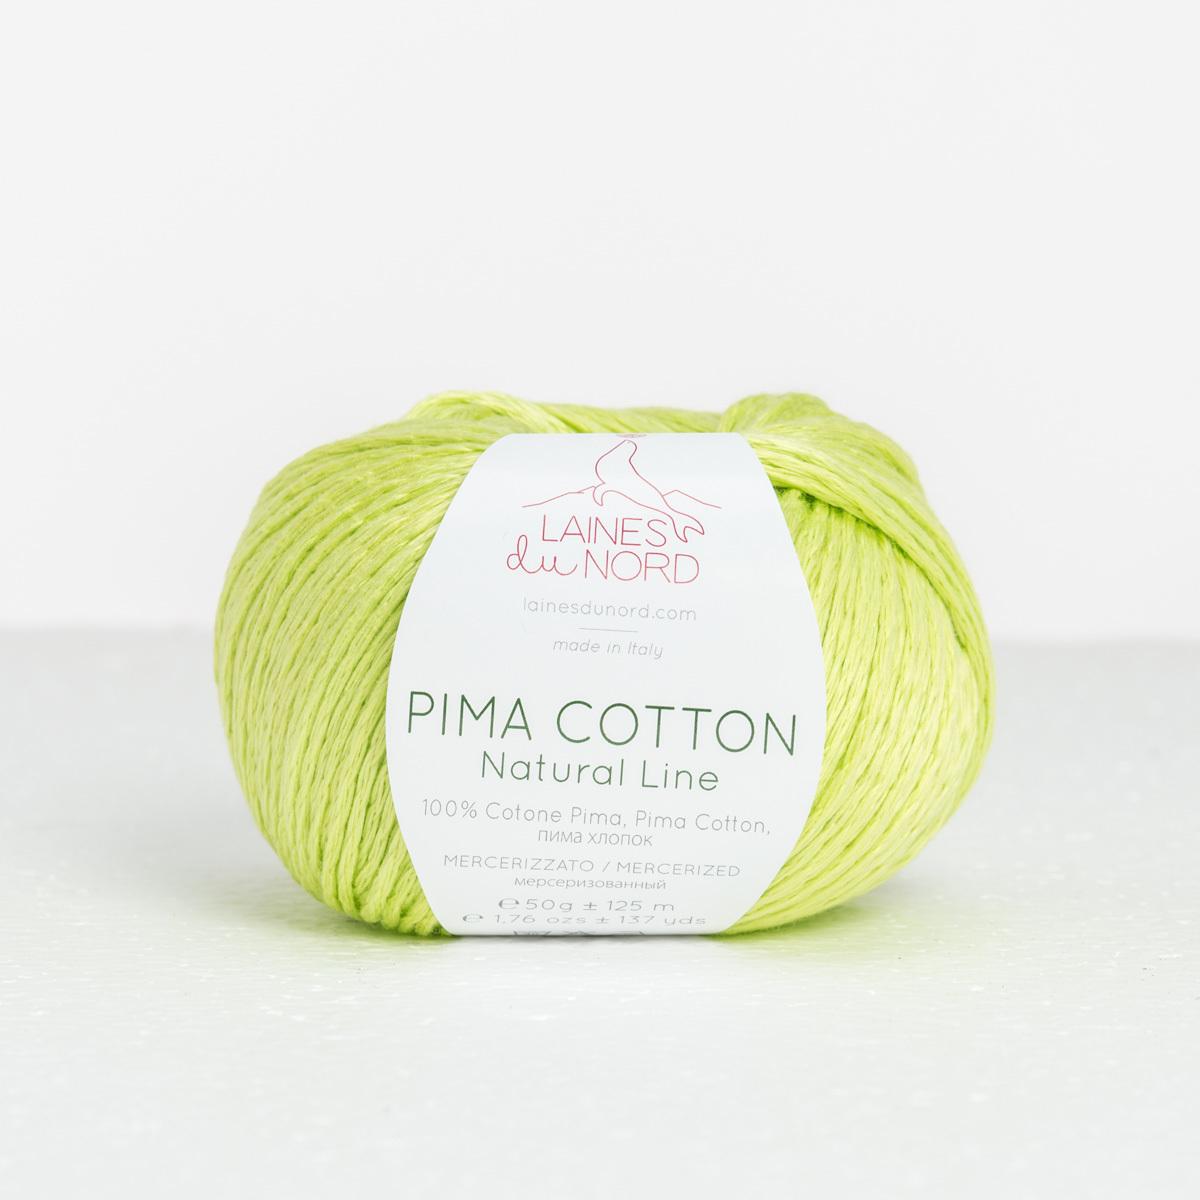 Pima Cotton (100% пима хлопок,50г/125м) 9 BYN